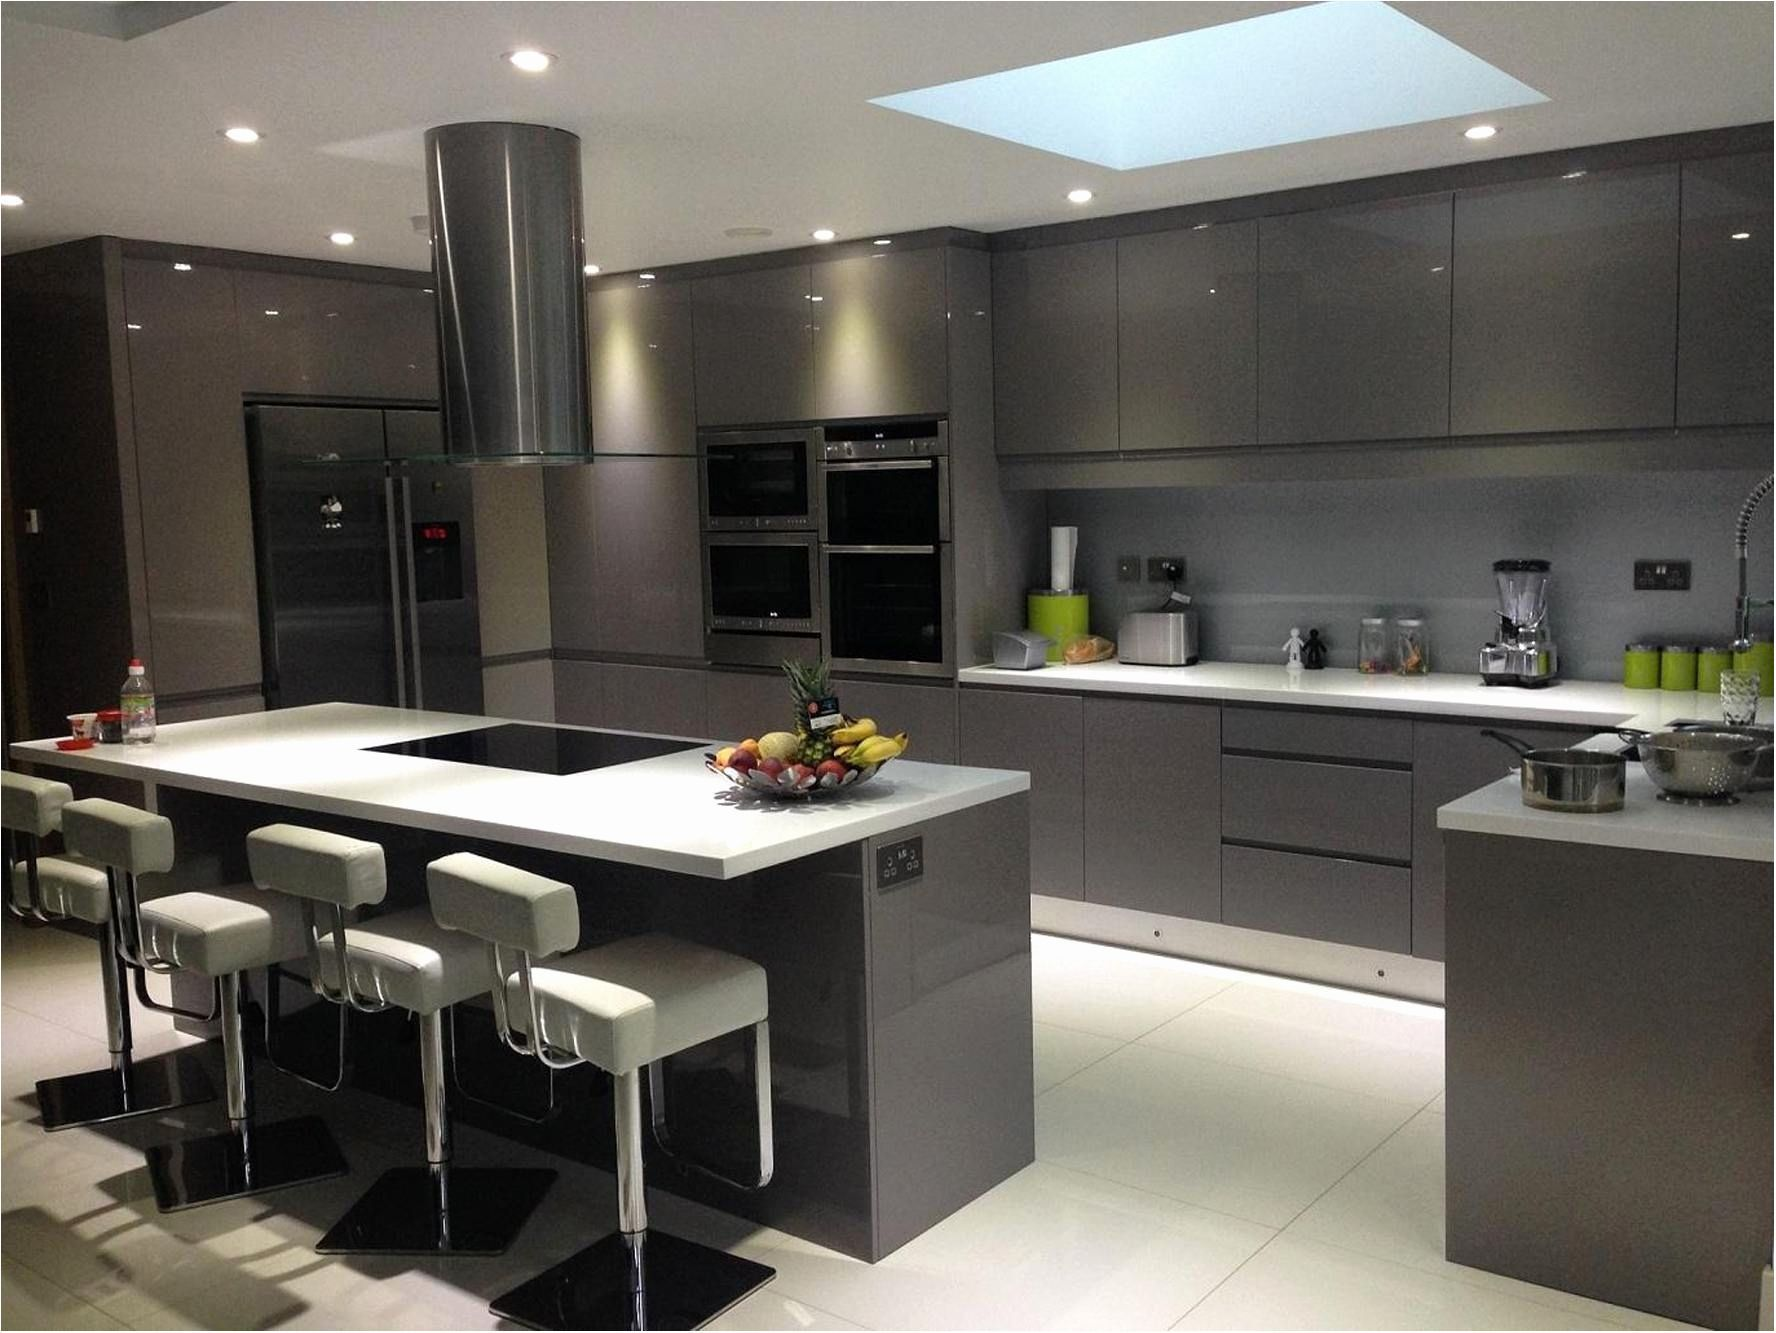 Tremendous European Style Kitchen Ideas Download Free Architecture Designs Ferenbritishbridgeorg